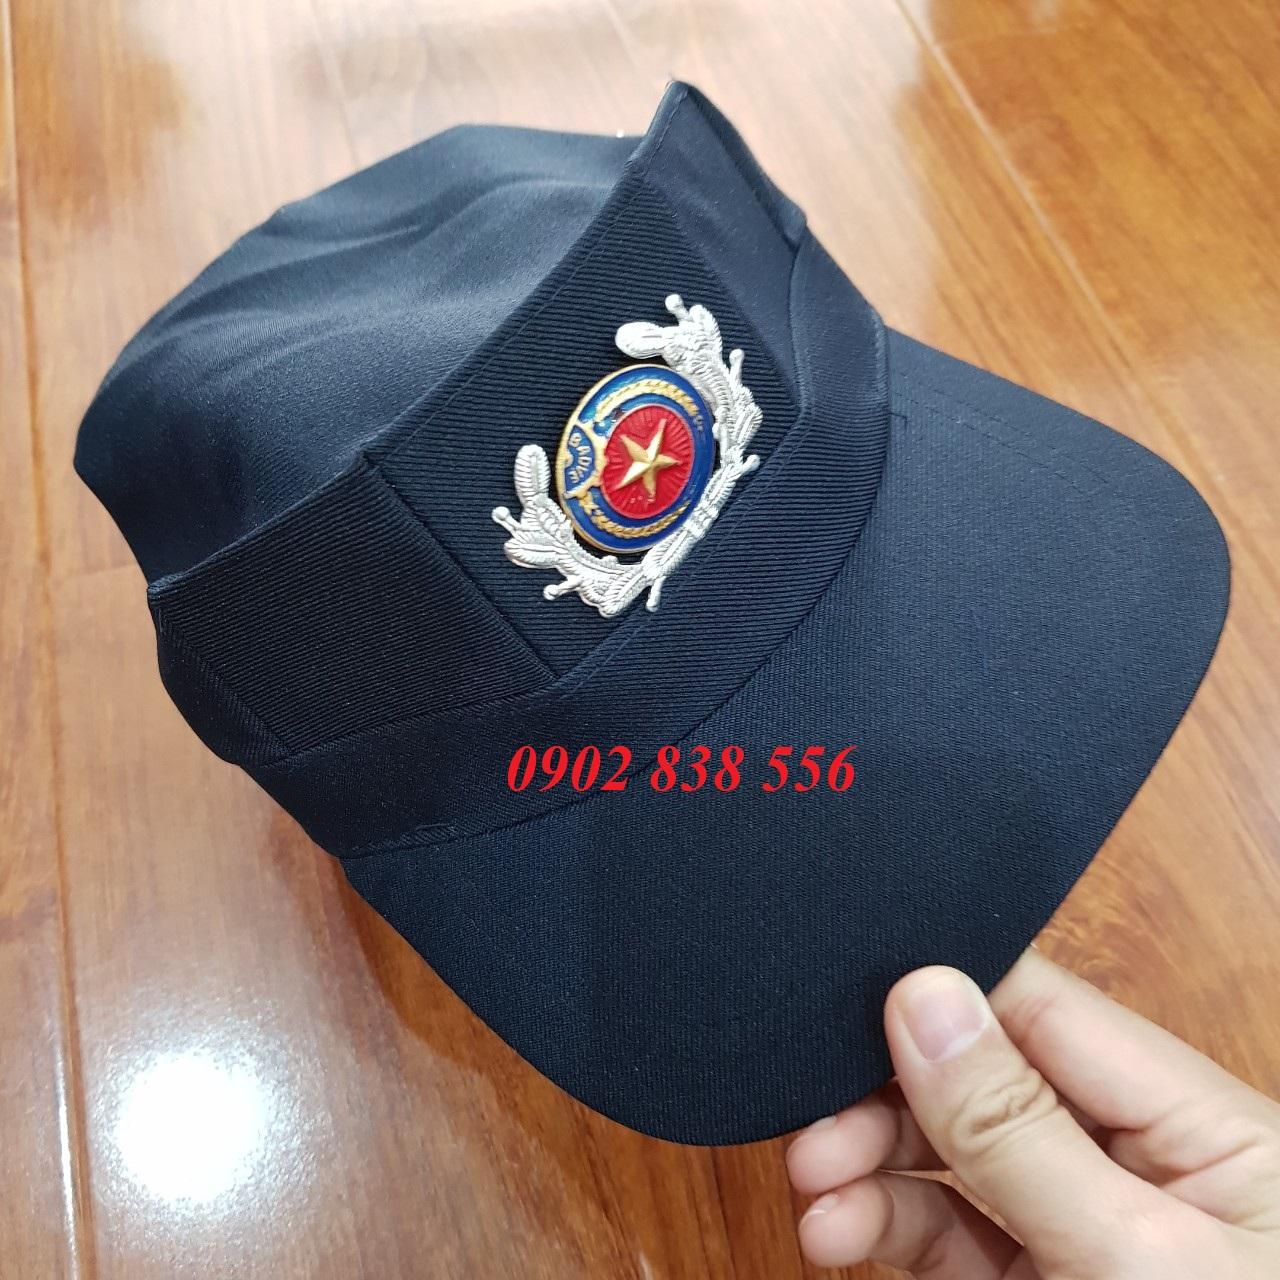 Giảm giá - Mũ nón bảo vệ có sao - phụ kiện bảo vệ - NBV